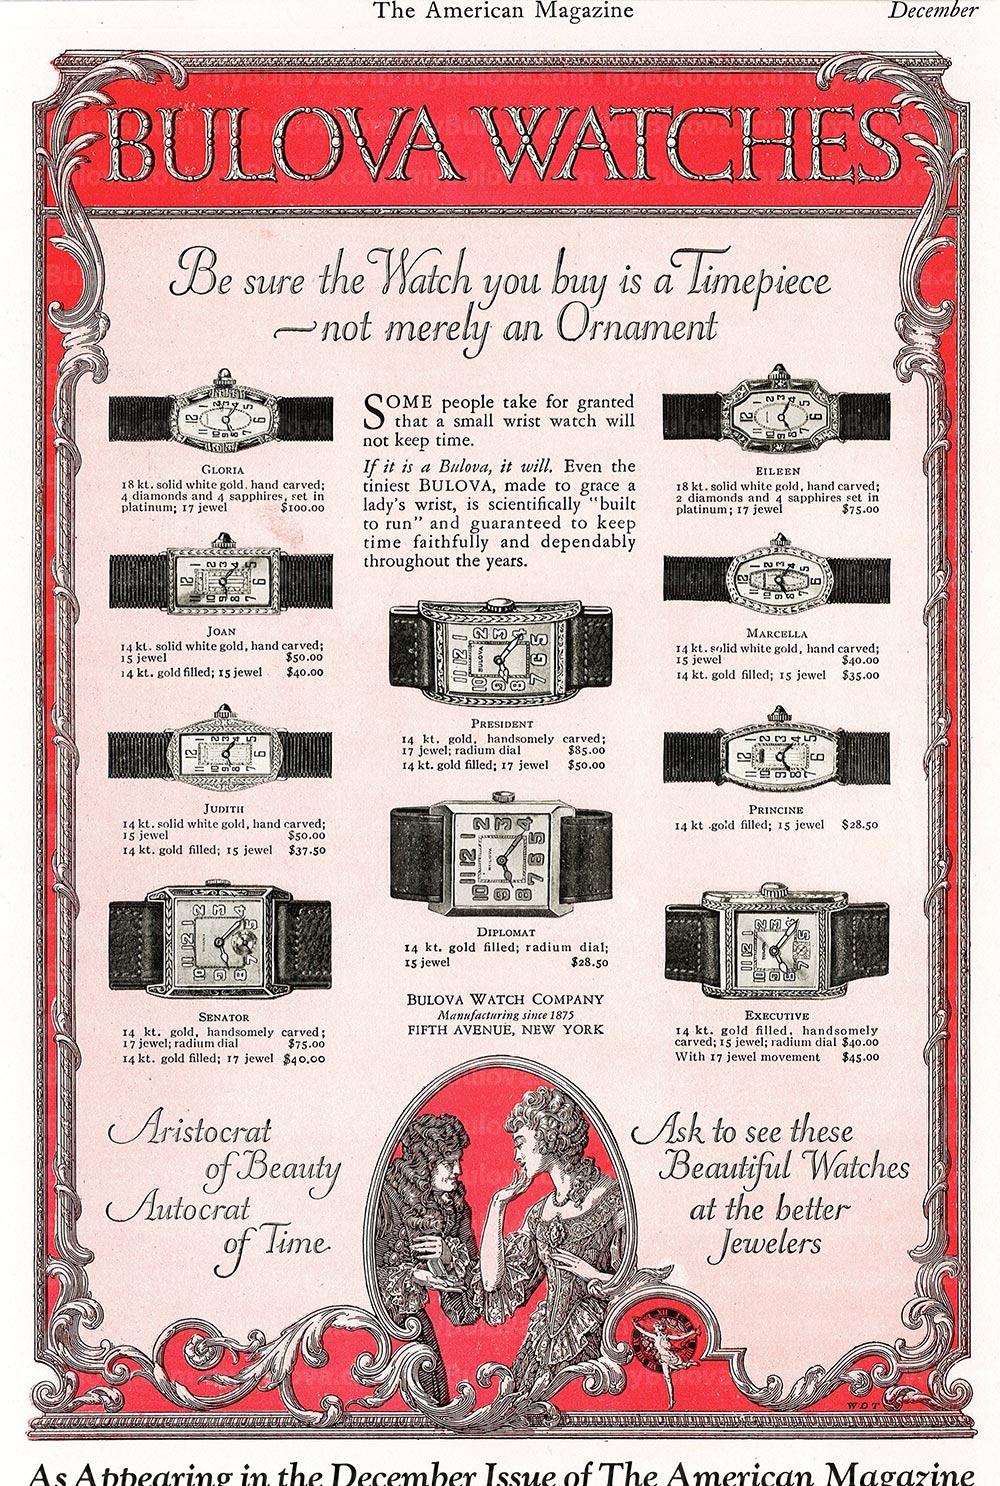 1925 Vintage Bulova Ad